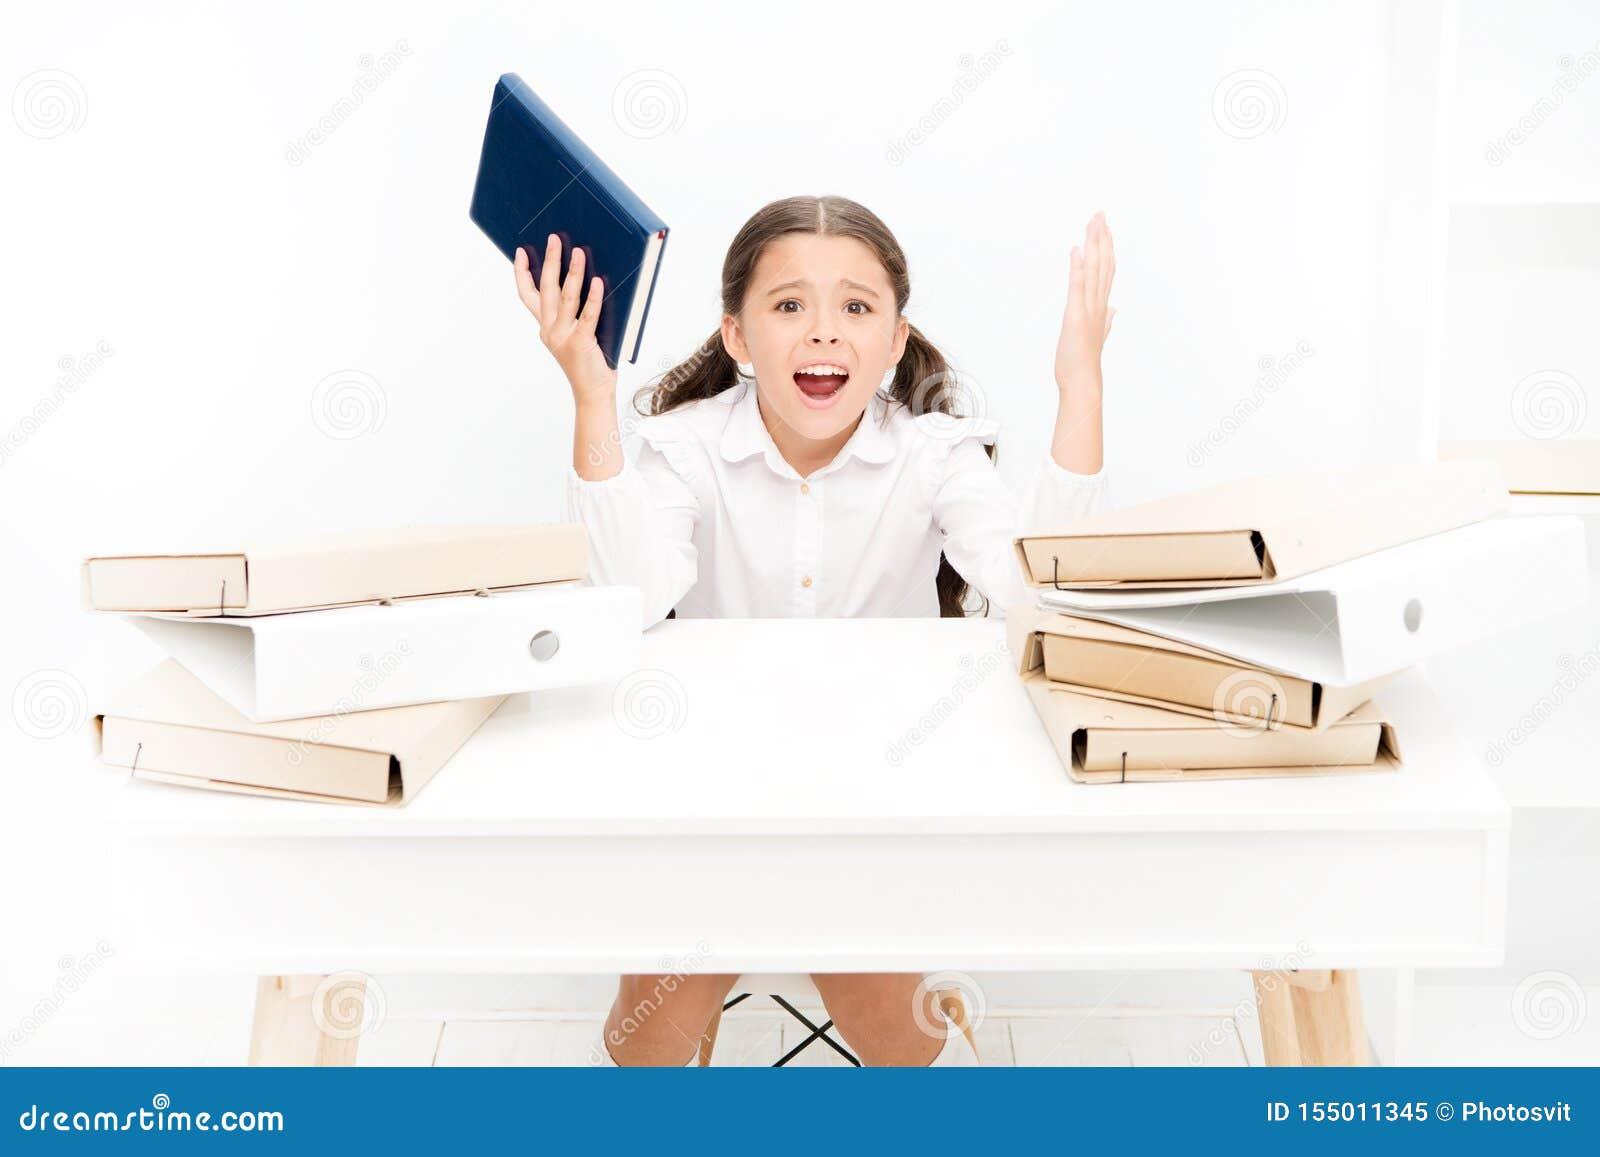 Skolaångest Bemyndiga barnet för att handla skolaångest Den angelägna känsladet normala förväntade barn som går tillbaka till sko